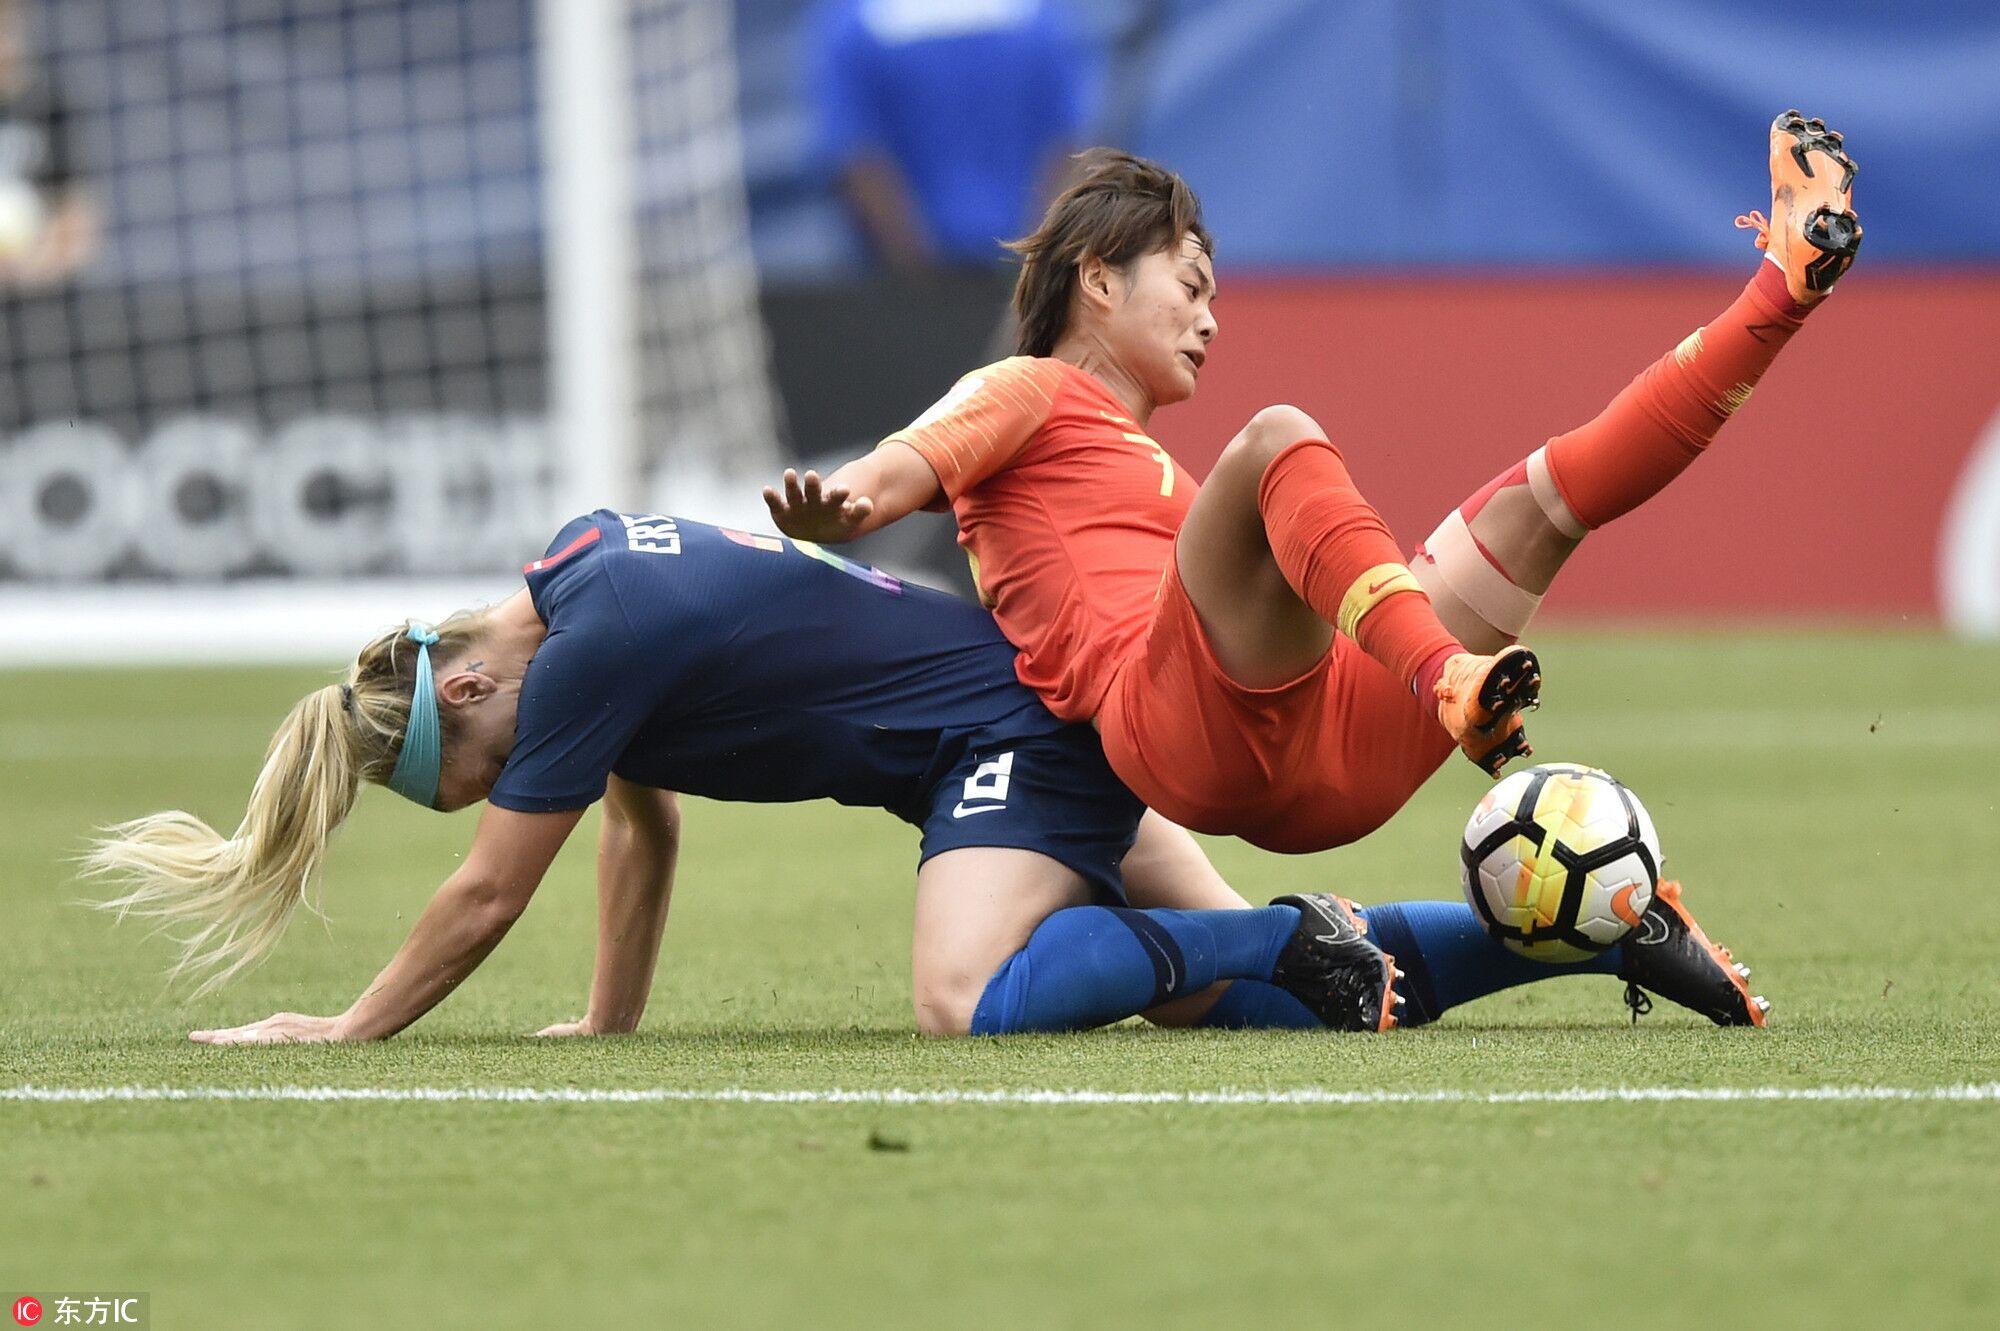 热身赛:李影破门,中国女足1-2不敌美国